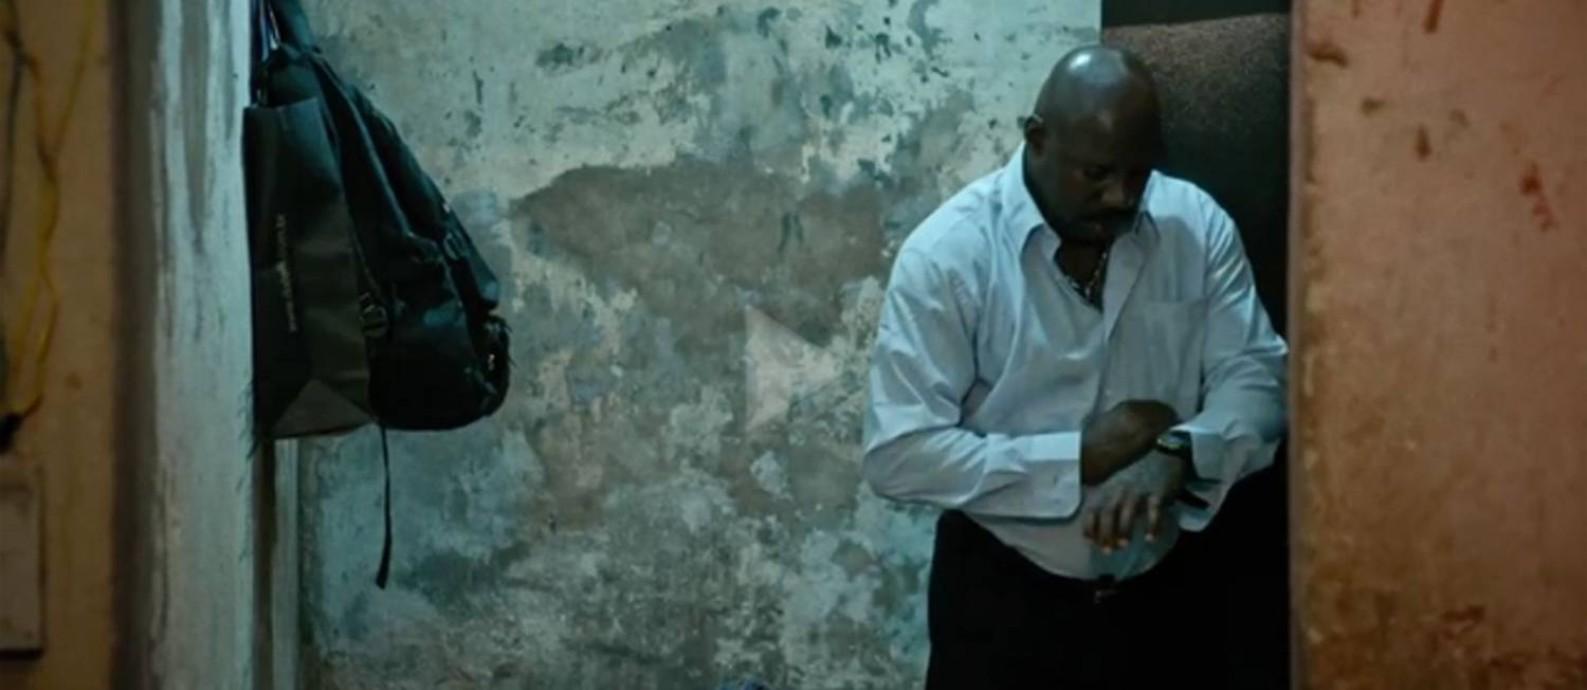 Cena do filme 'A luta do século' Foto: Divulgação